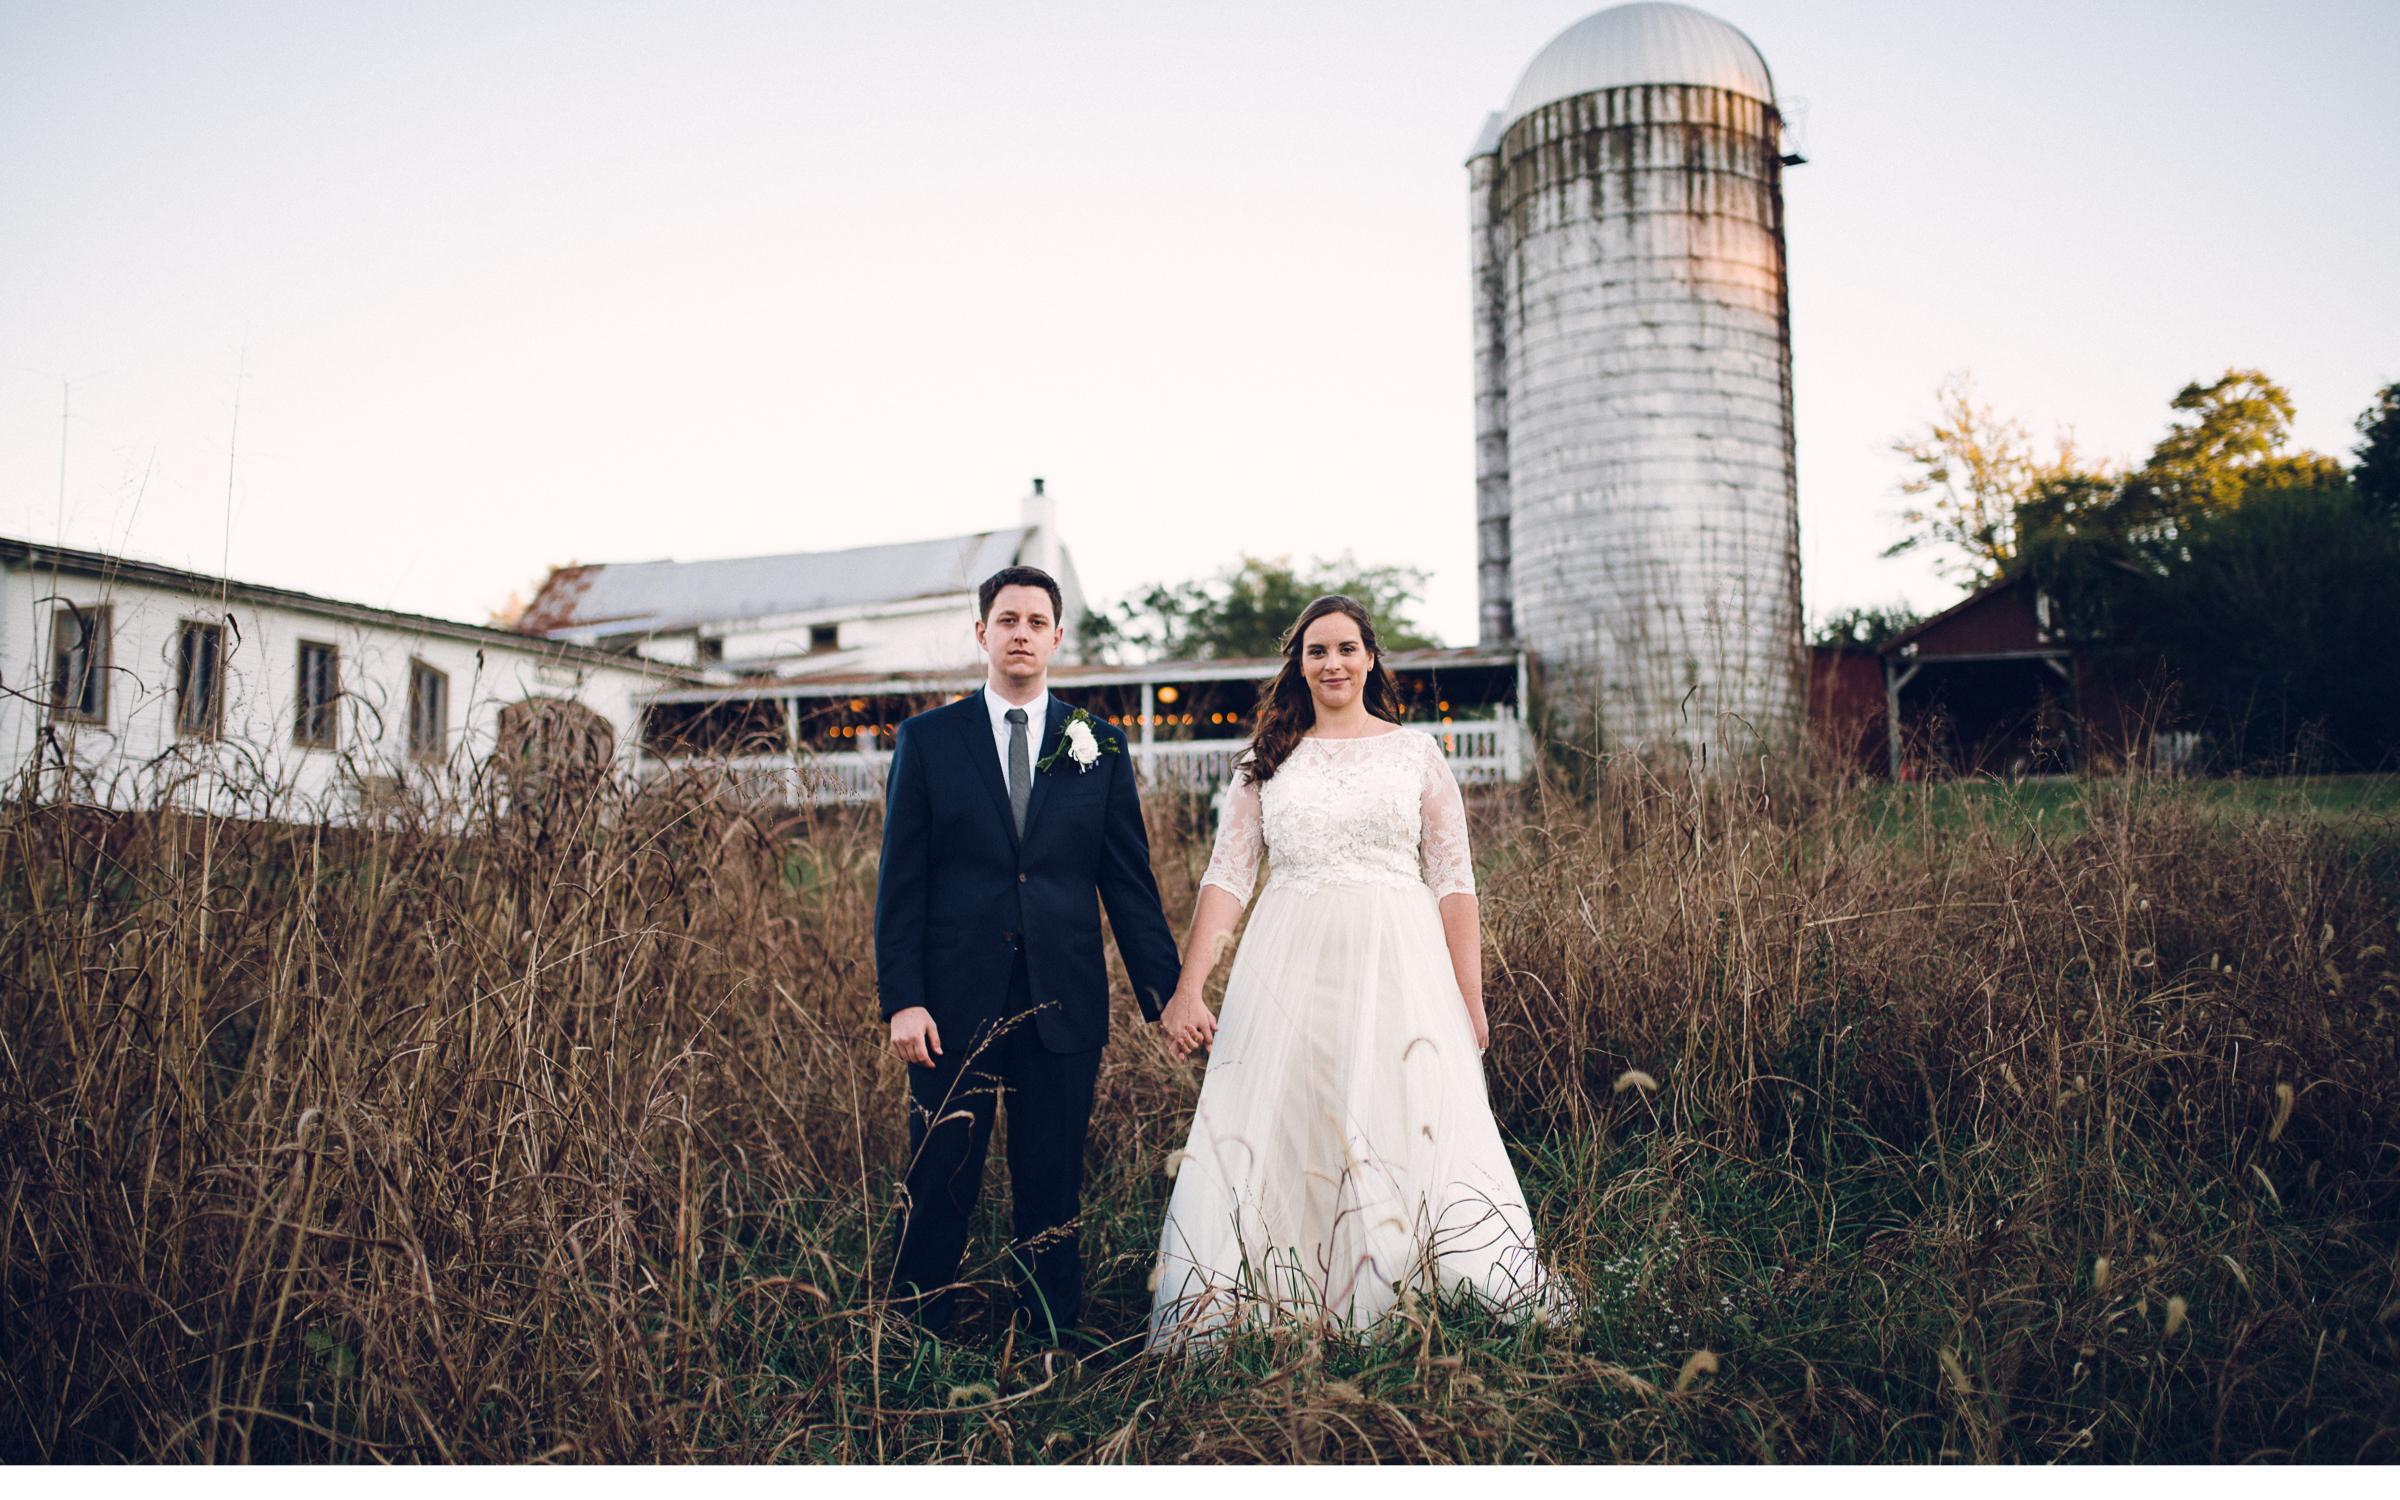 Stewart Wedding 40.jpg